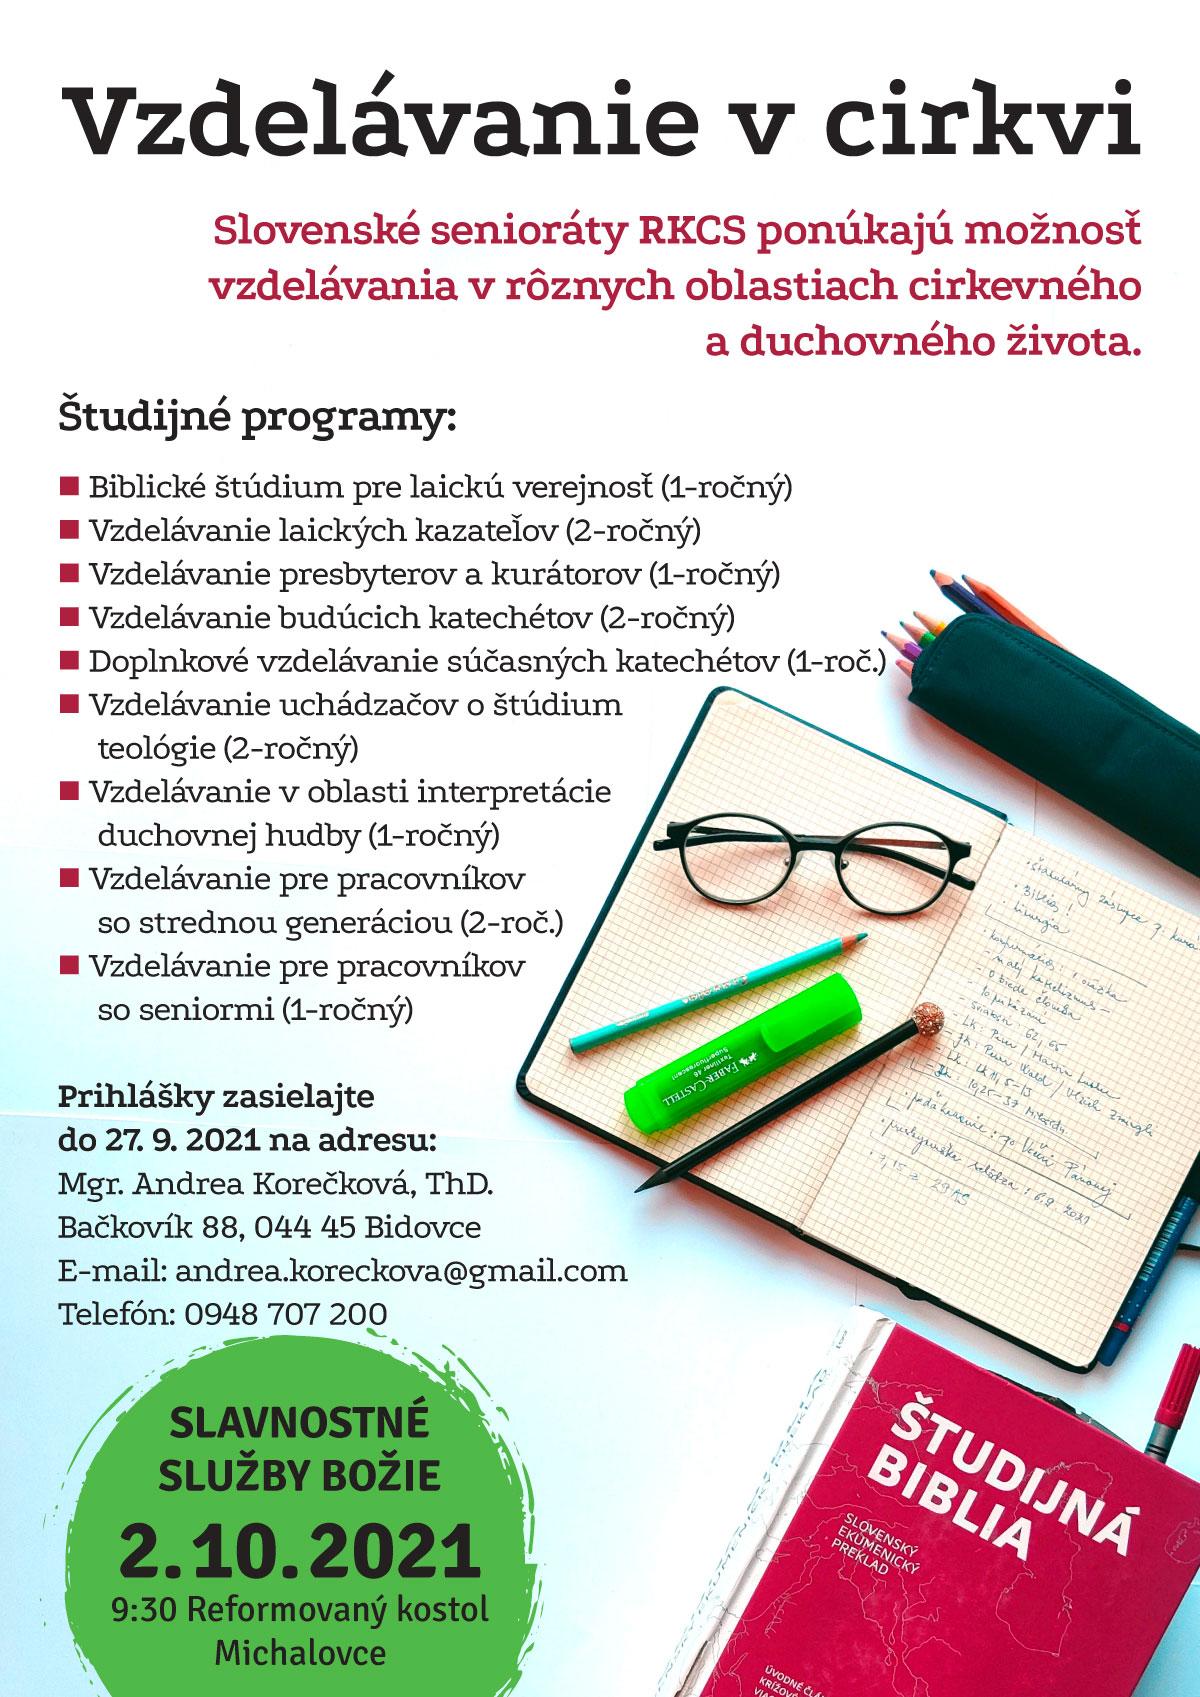 https://www.kalvin.sk/wp-content/uploads/2021/09/vzdelavanie-v-cirkvi-RKCS-plagat.jpg